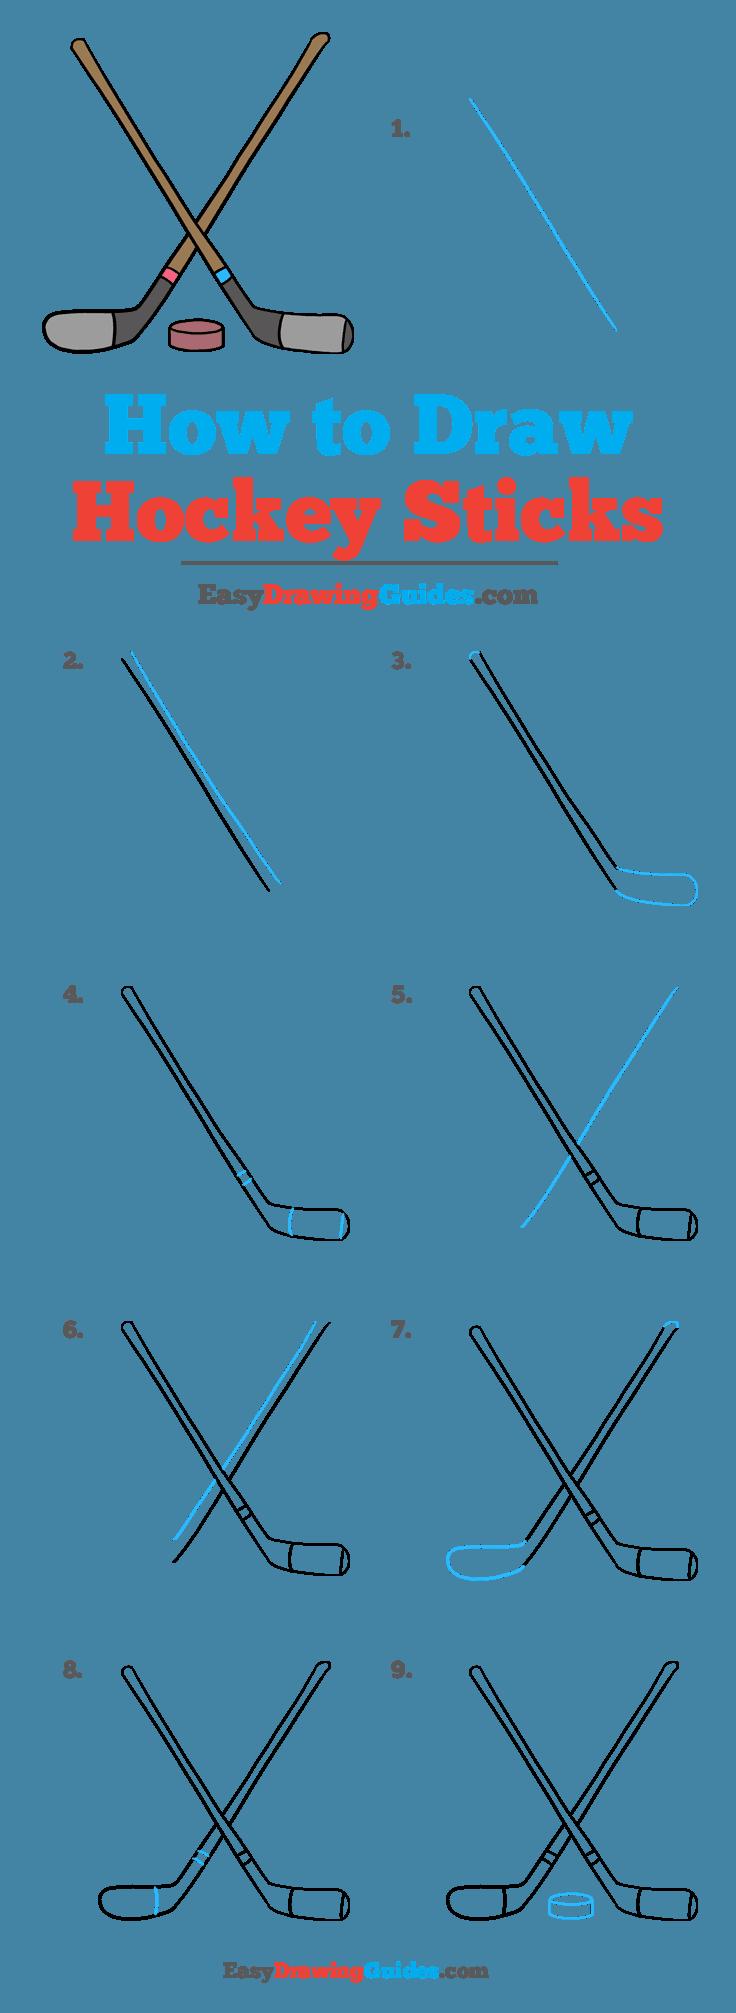 How to Draw Hockey Sticks